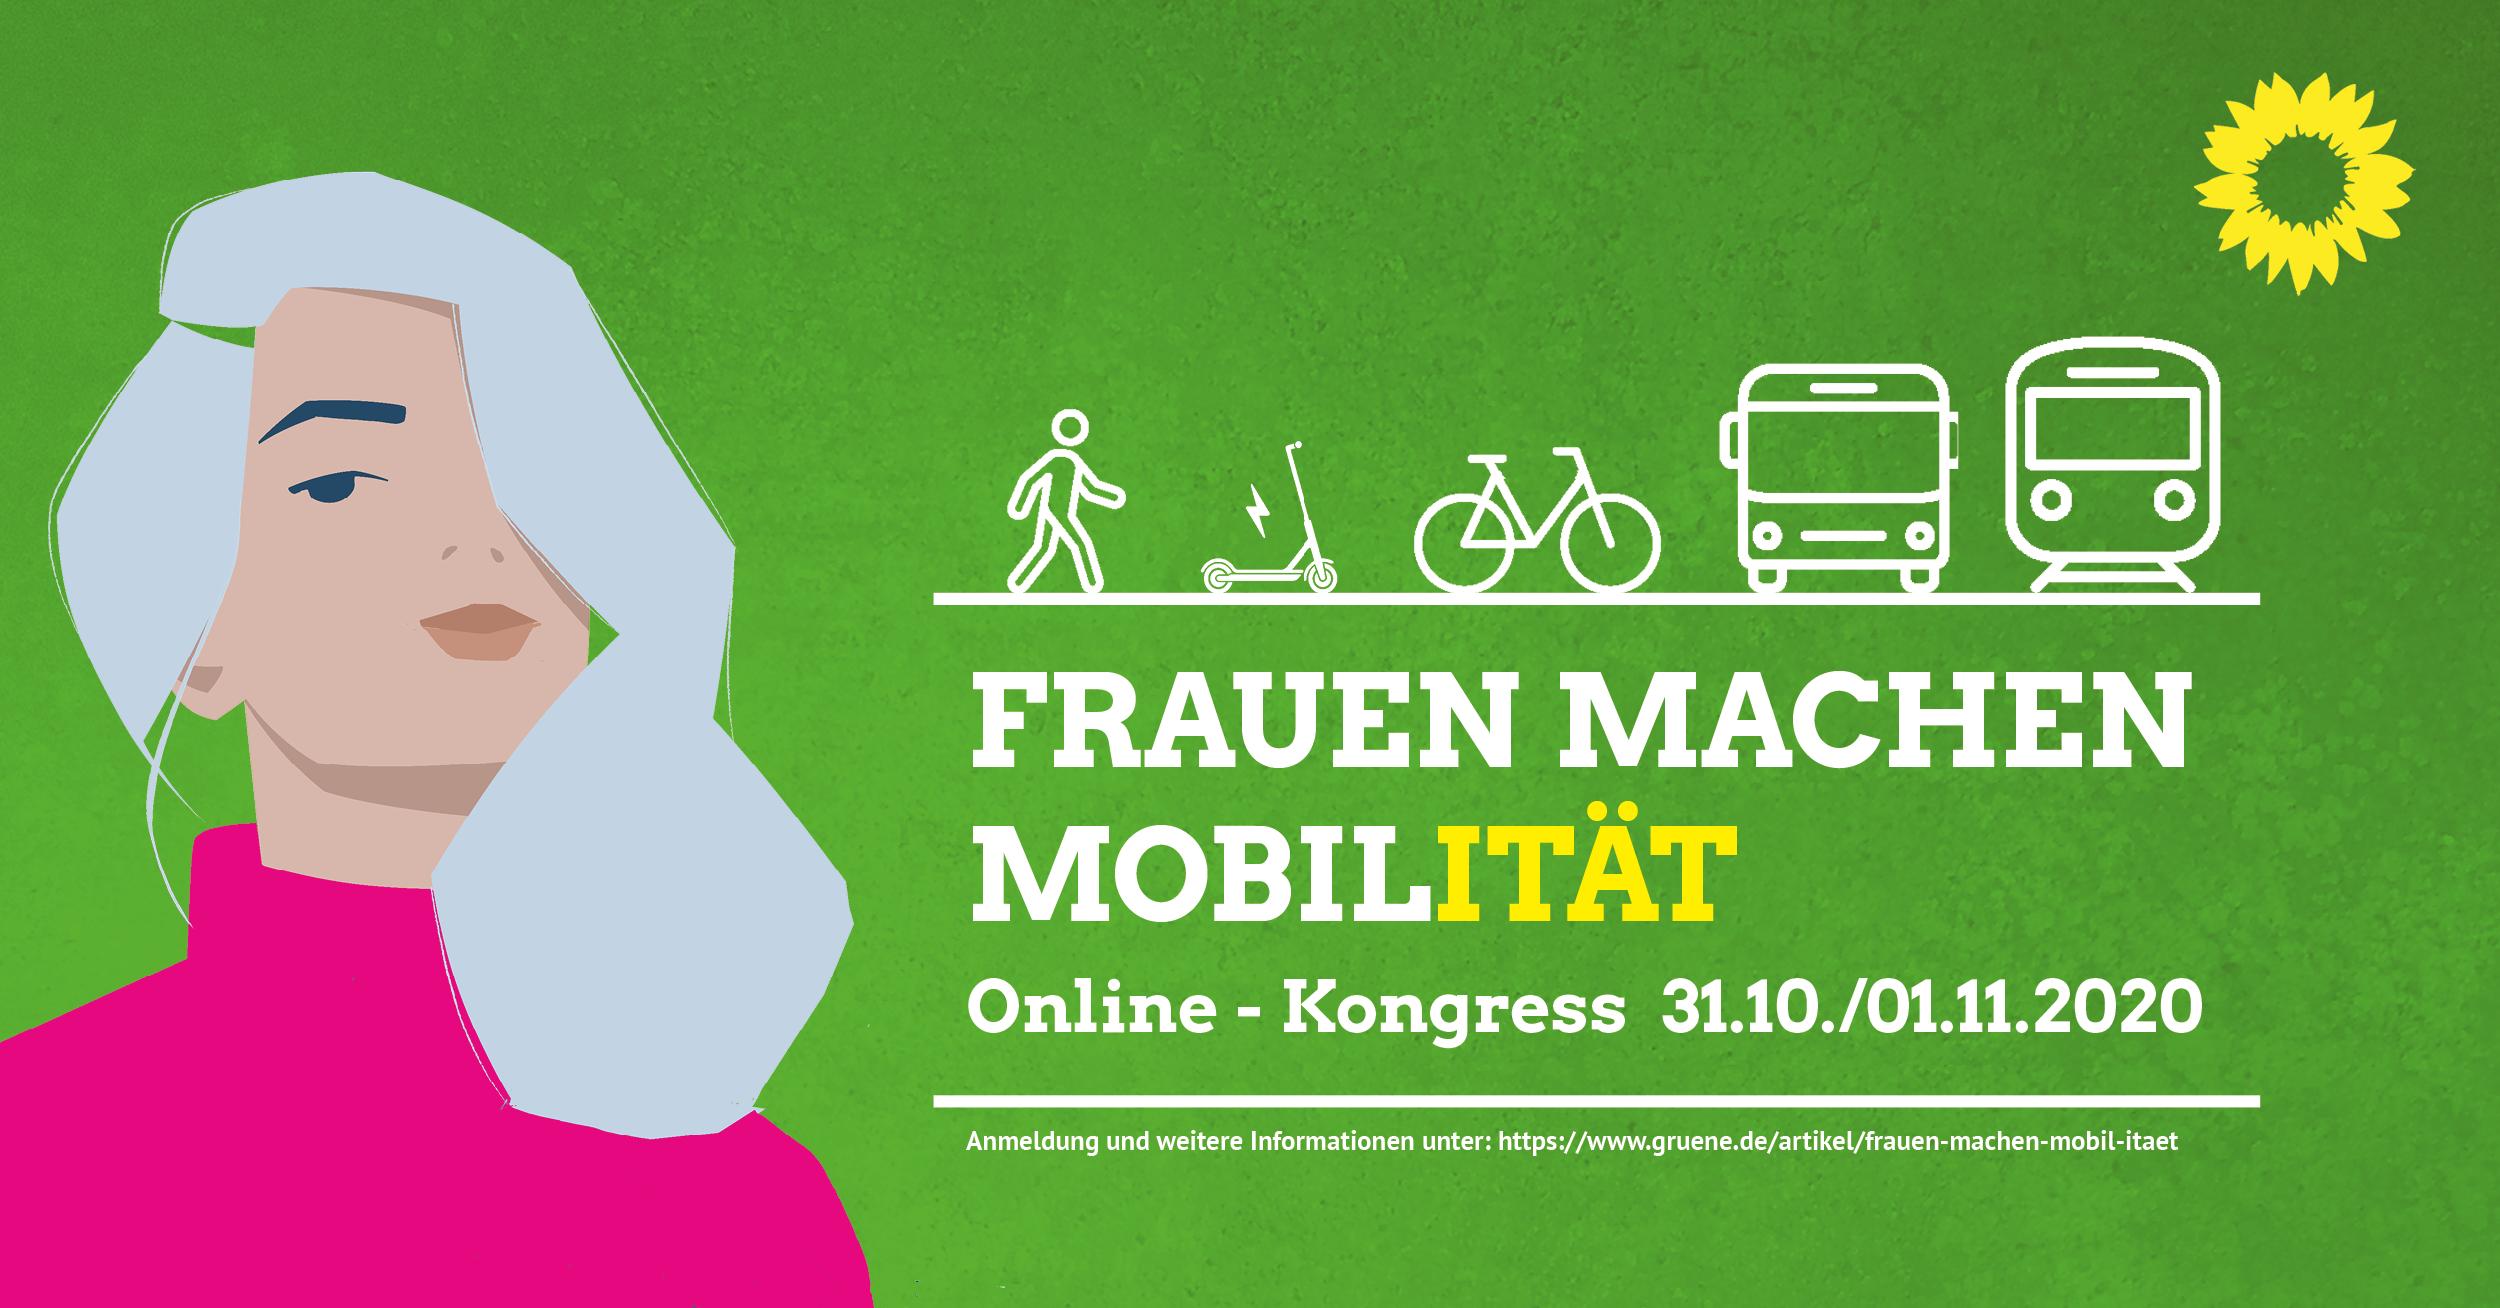 FRAUEN MACHEN MOBIL(ITÄT)